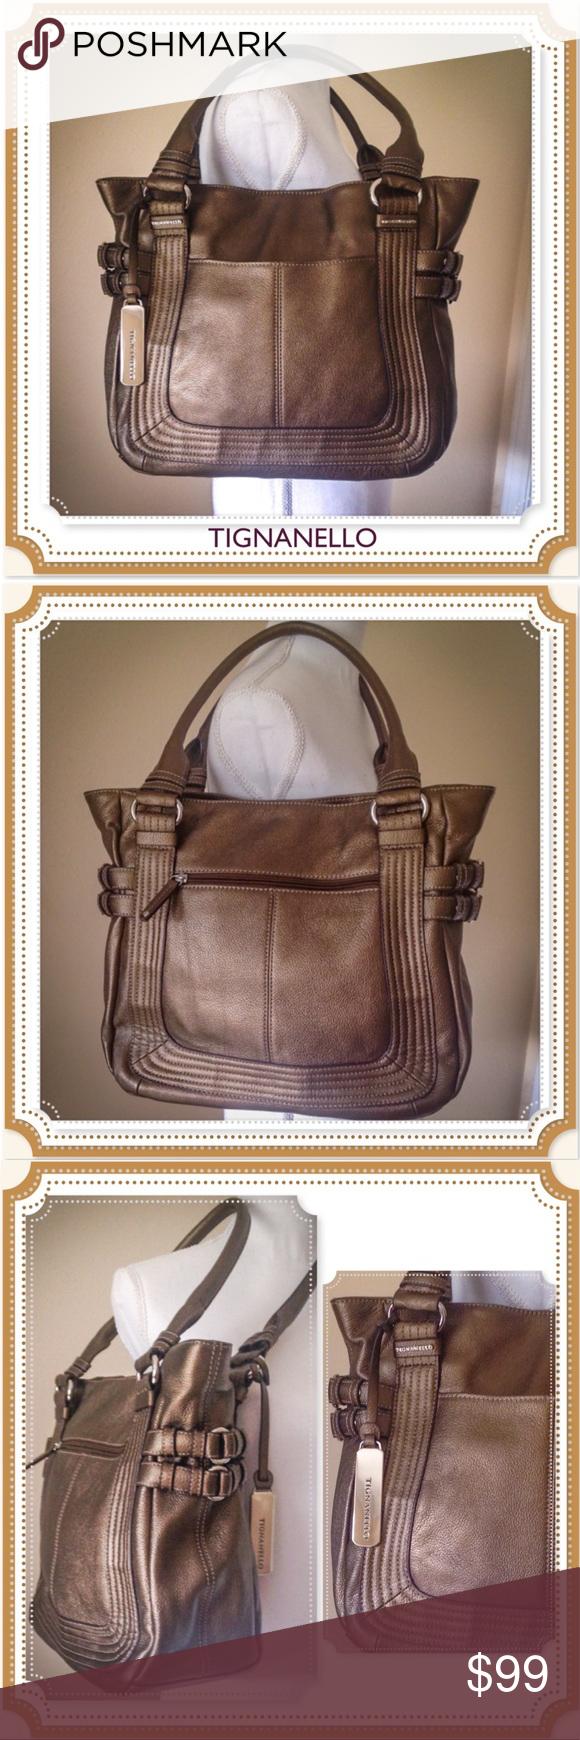 Nwot Bronze Tignanello Large Handbag Gorgeous Leather By Beautifully